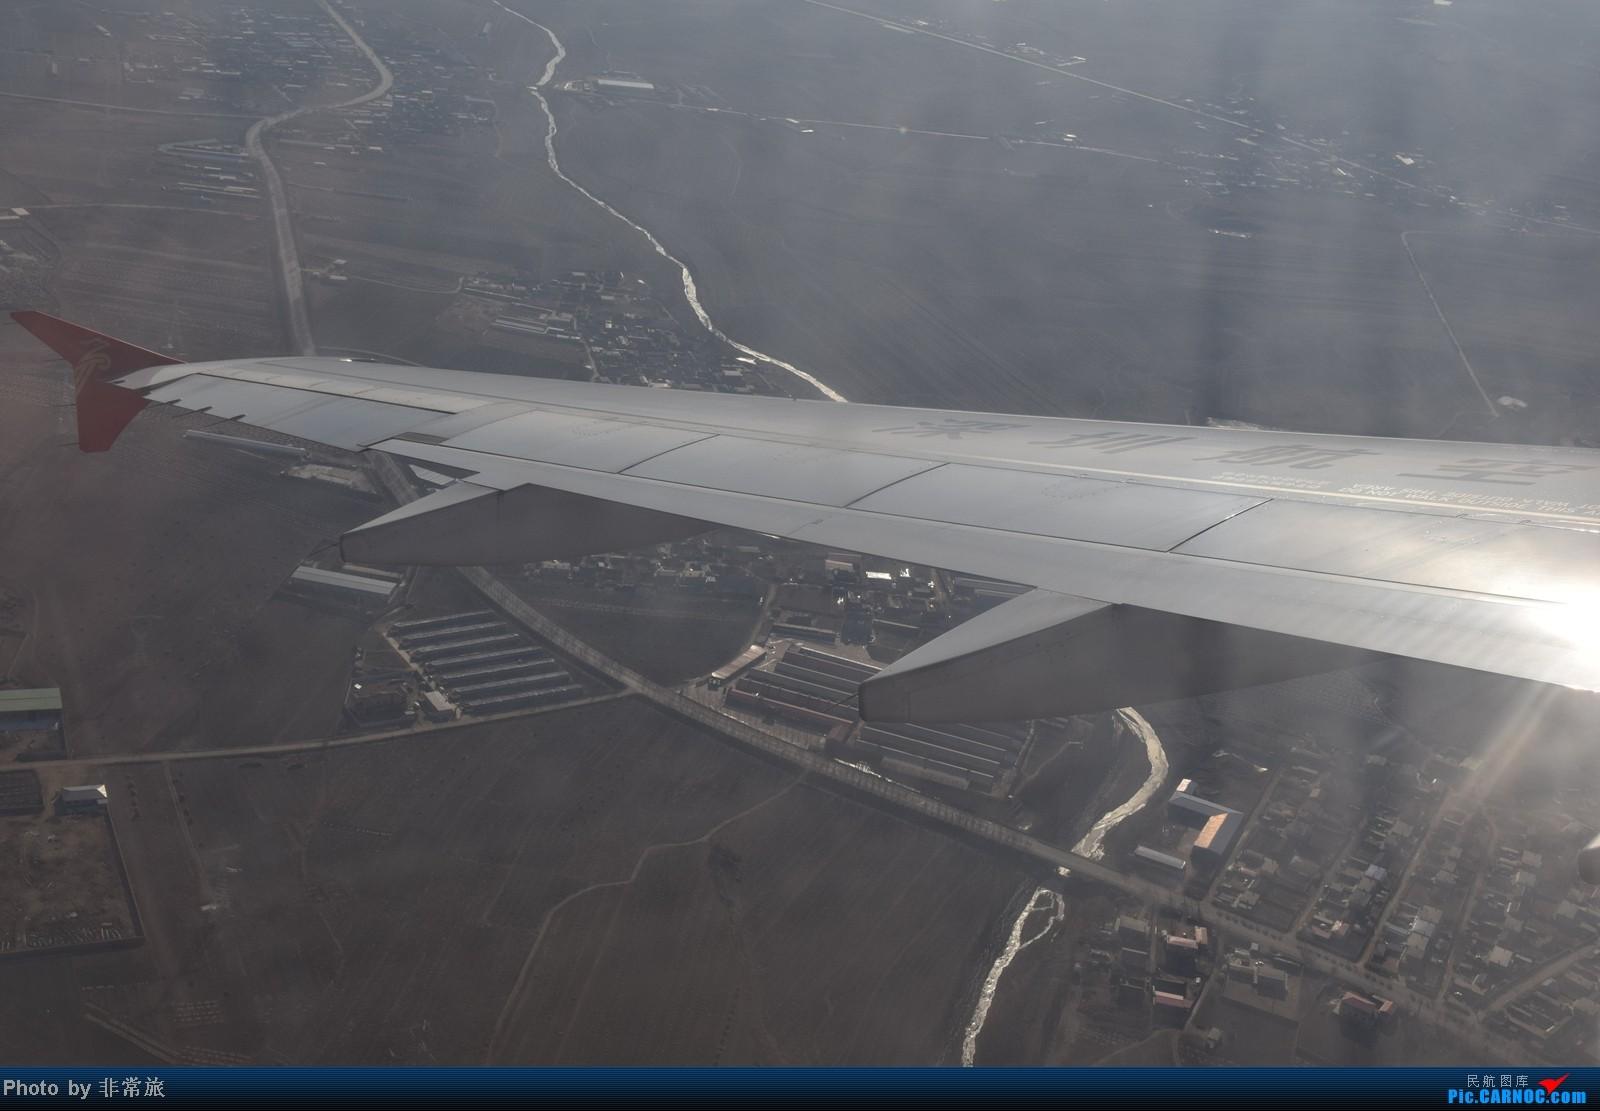 Re:[原创]大年三十除夕夜,三万英尺云霄间。 AIRBUS A320-200 B-6807 空中